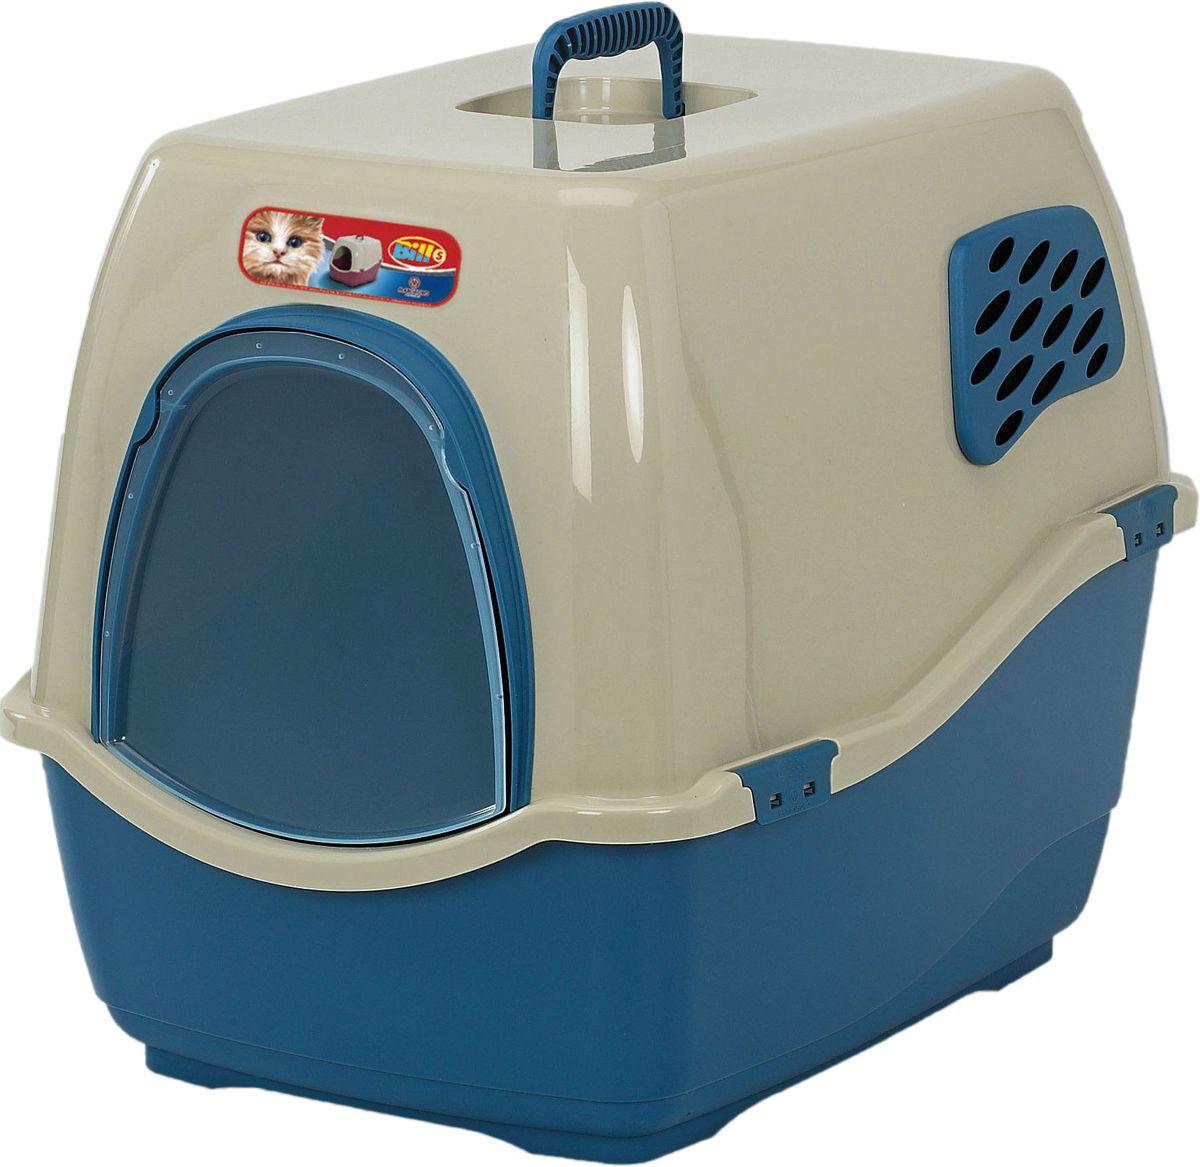 Био-туалет для кошек Marchioro Bill 2F, цвет: синий, бежевый, 57 х 45 х 48 см1065102300007Пластиковый био-туалет поможет защитить дом от неприятных запахов и придется по нраву даже самым привередливым питомцам. Закрытый био-туалет Marchioro Bill 2F с угольным фильтром препятствует распространению неприятных запахов.Подвижная передняя створка позволяет животному самостоятельно пользоваться туалетом.В комплект входит фильтр, дверка и ручка. Фильтр необходимо менять каждые 3-6 месяцев. Размер 57 х 45 х 48 см.